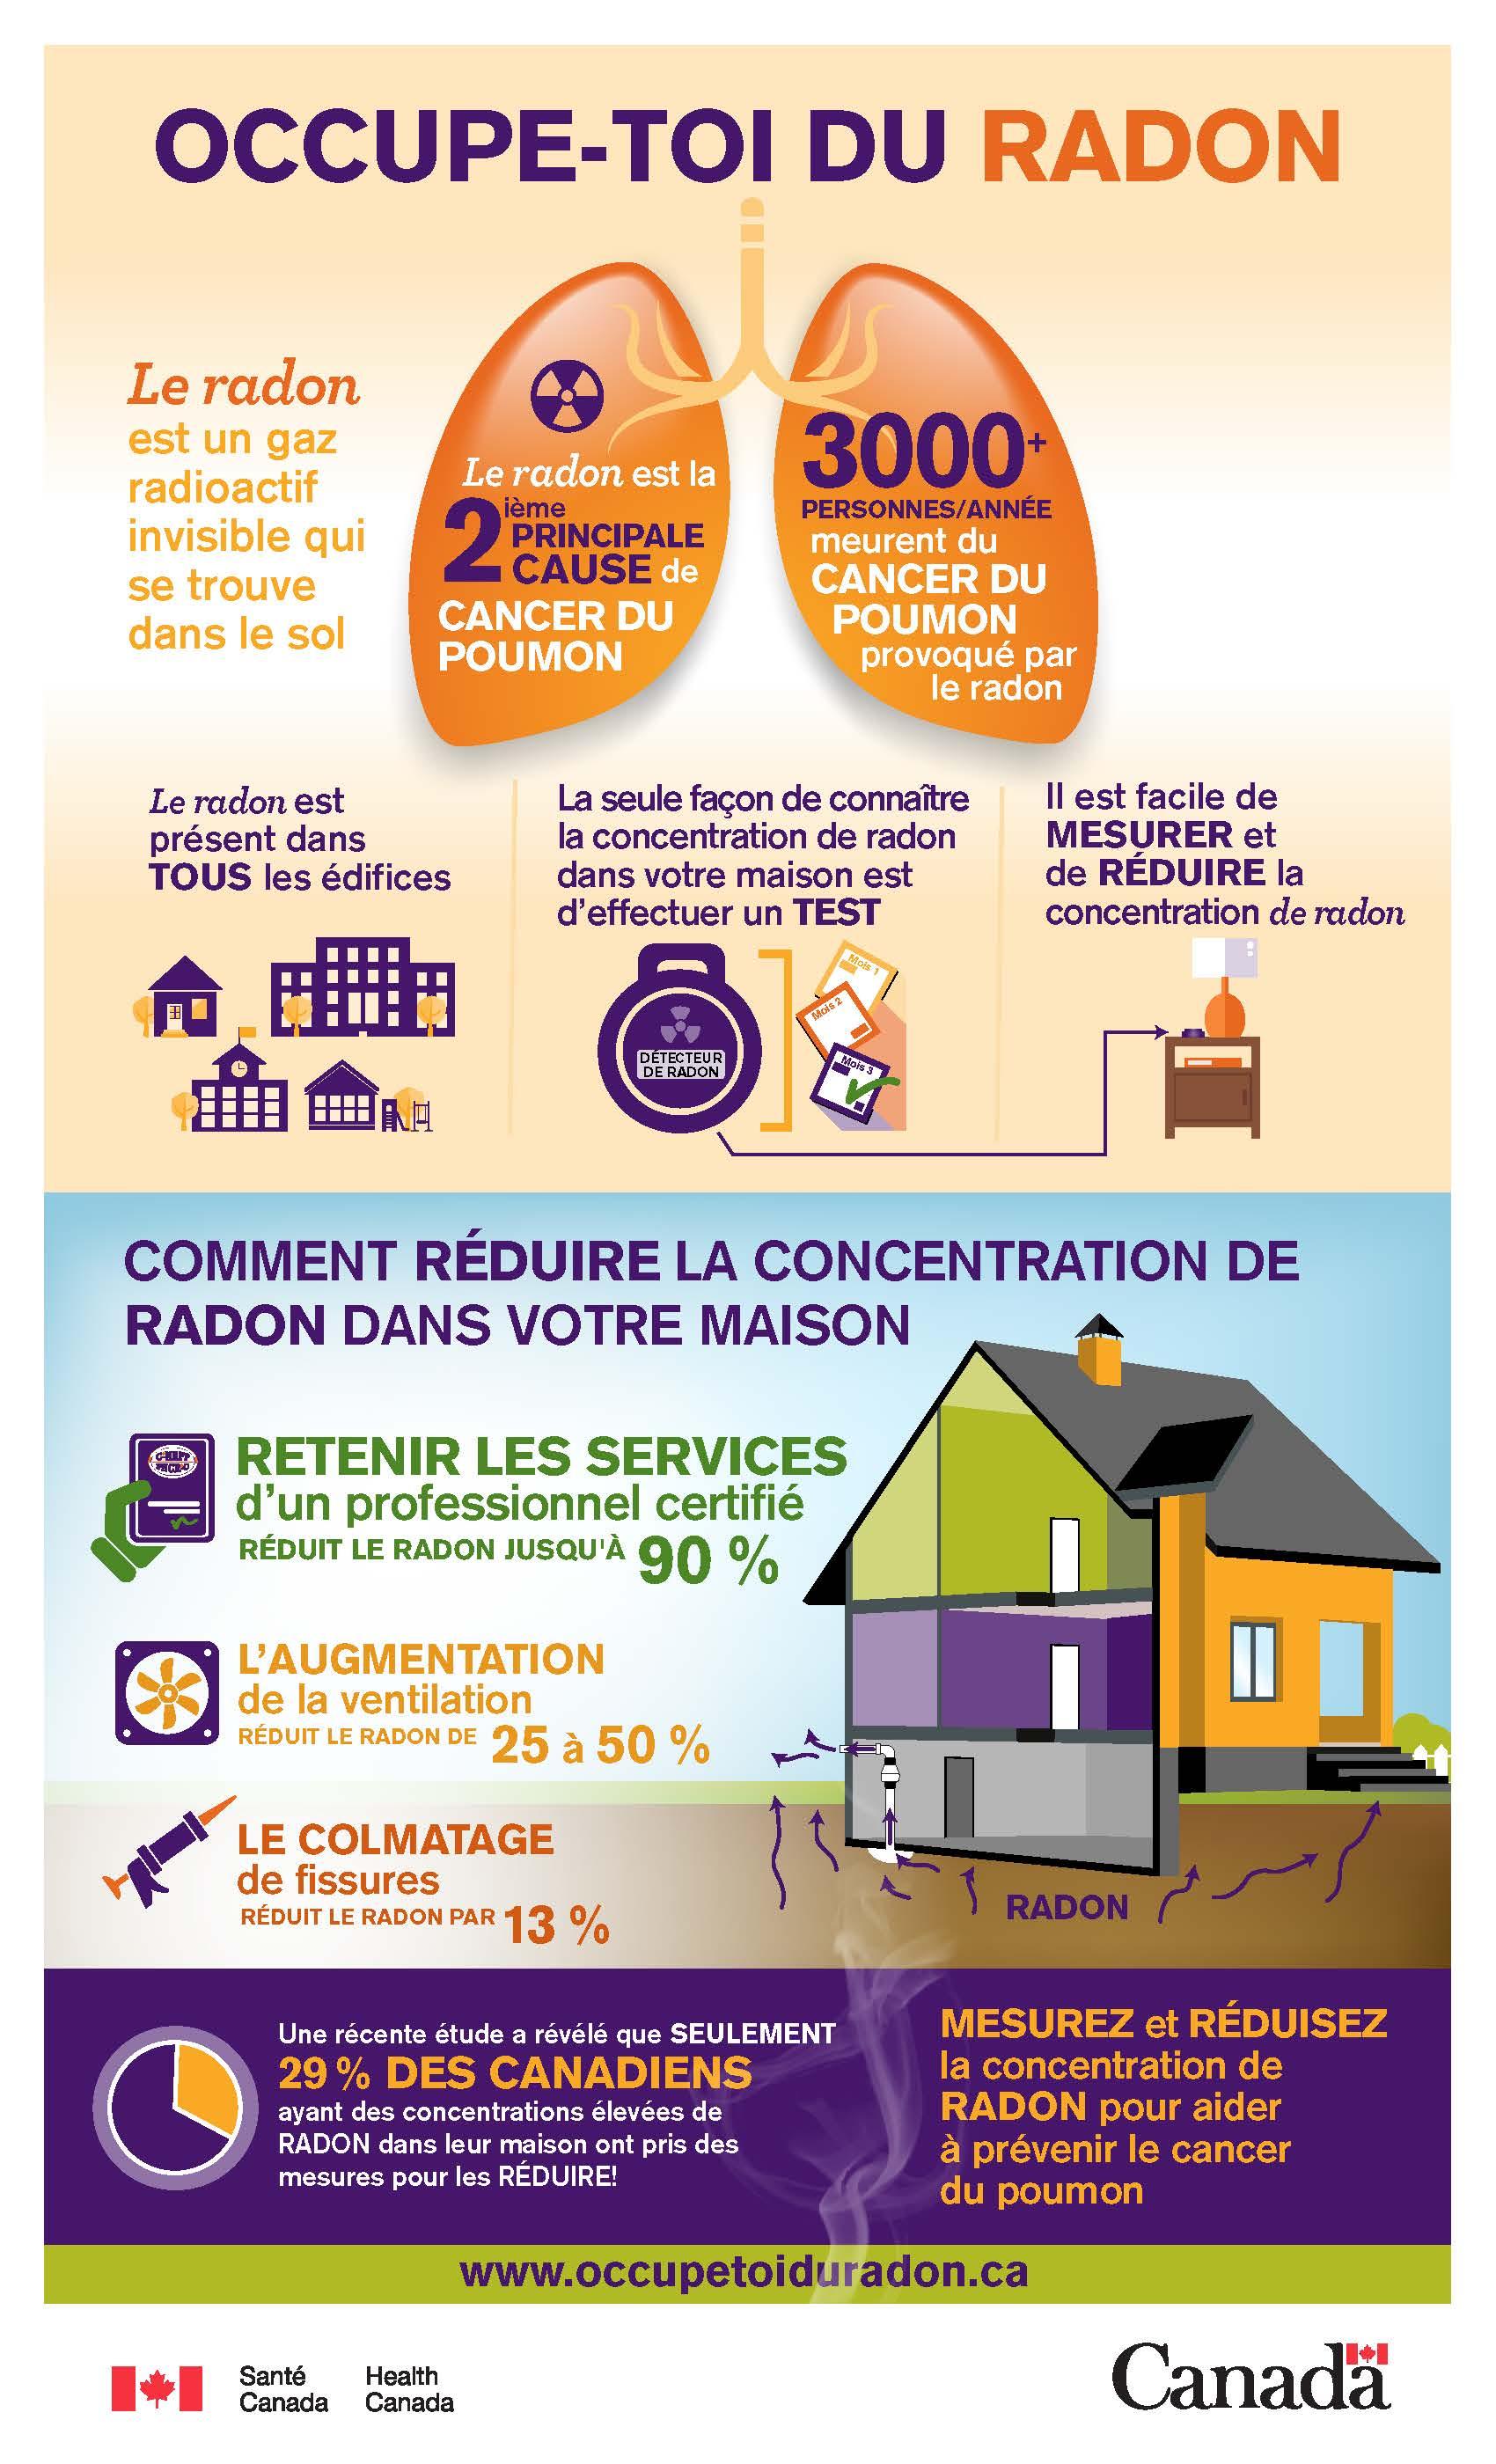 radon-infographic-fra.jpg (405 KB)